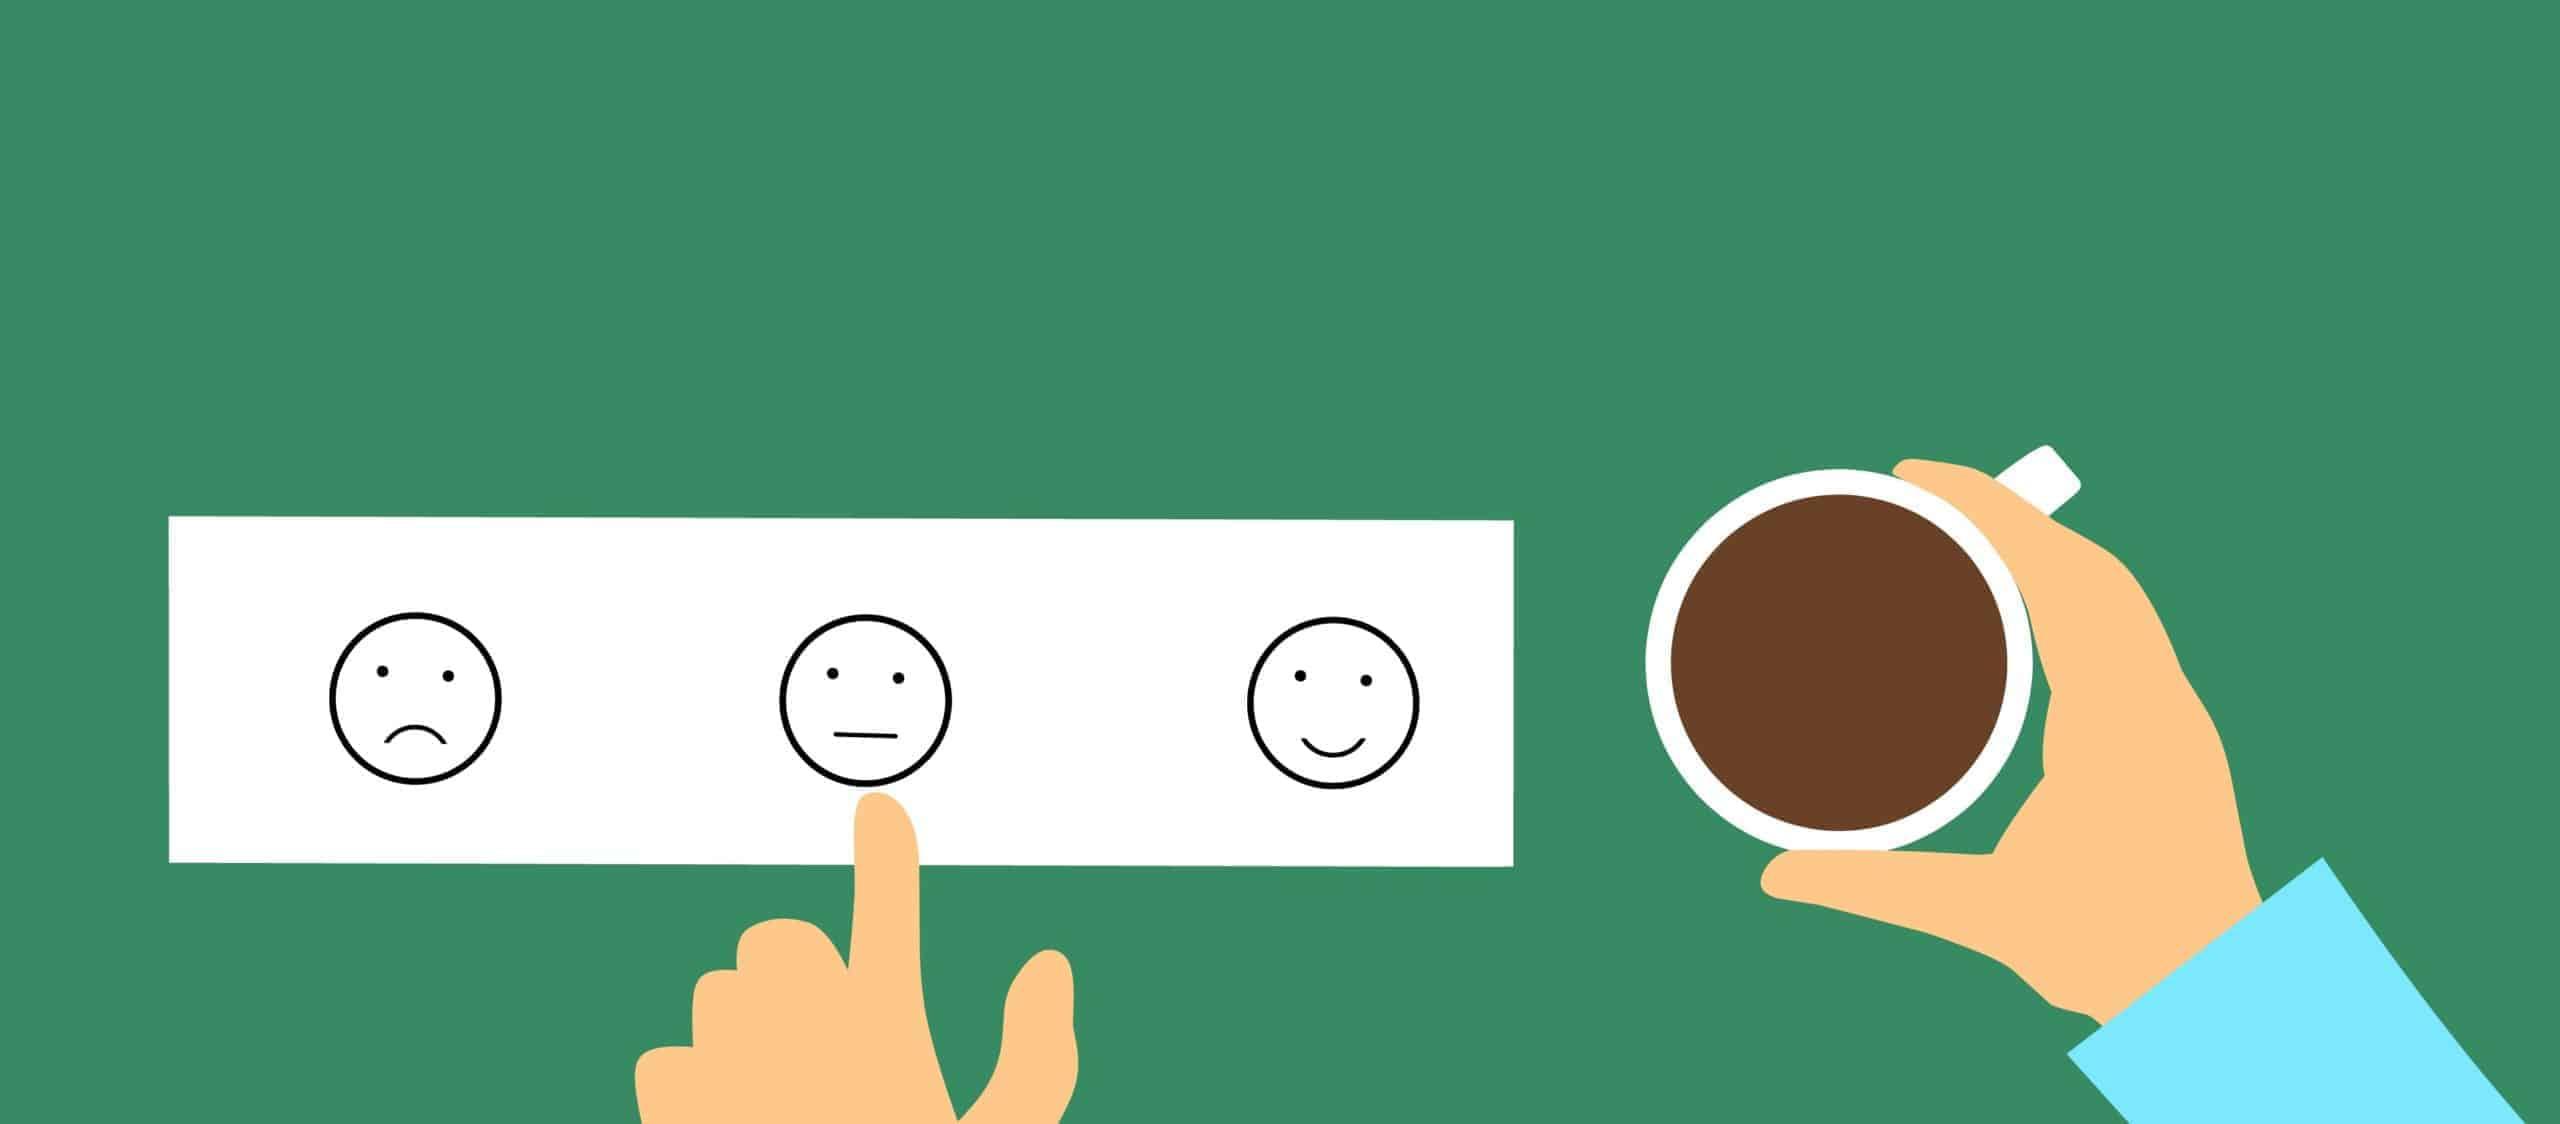 Online-Vertriebsberatung | Ein grüner Tisch. Auf dem ist ein weißer Zettel mit 3 Gesichtern. Lachen, emotionslos, traurig. Ein Mitarbeiter zeigt auf den mittleren Smilie als Sinnbild für die Mitarbeitermotivation